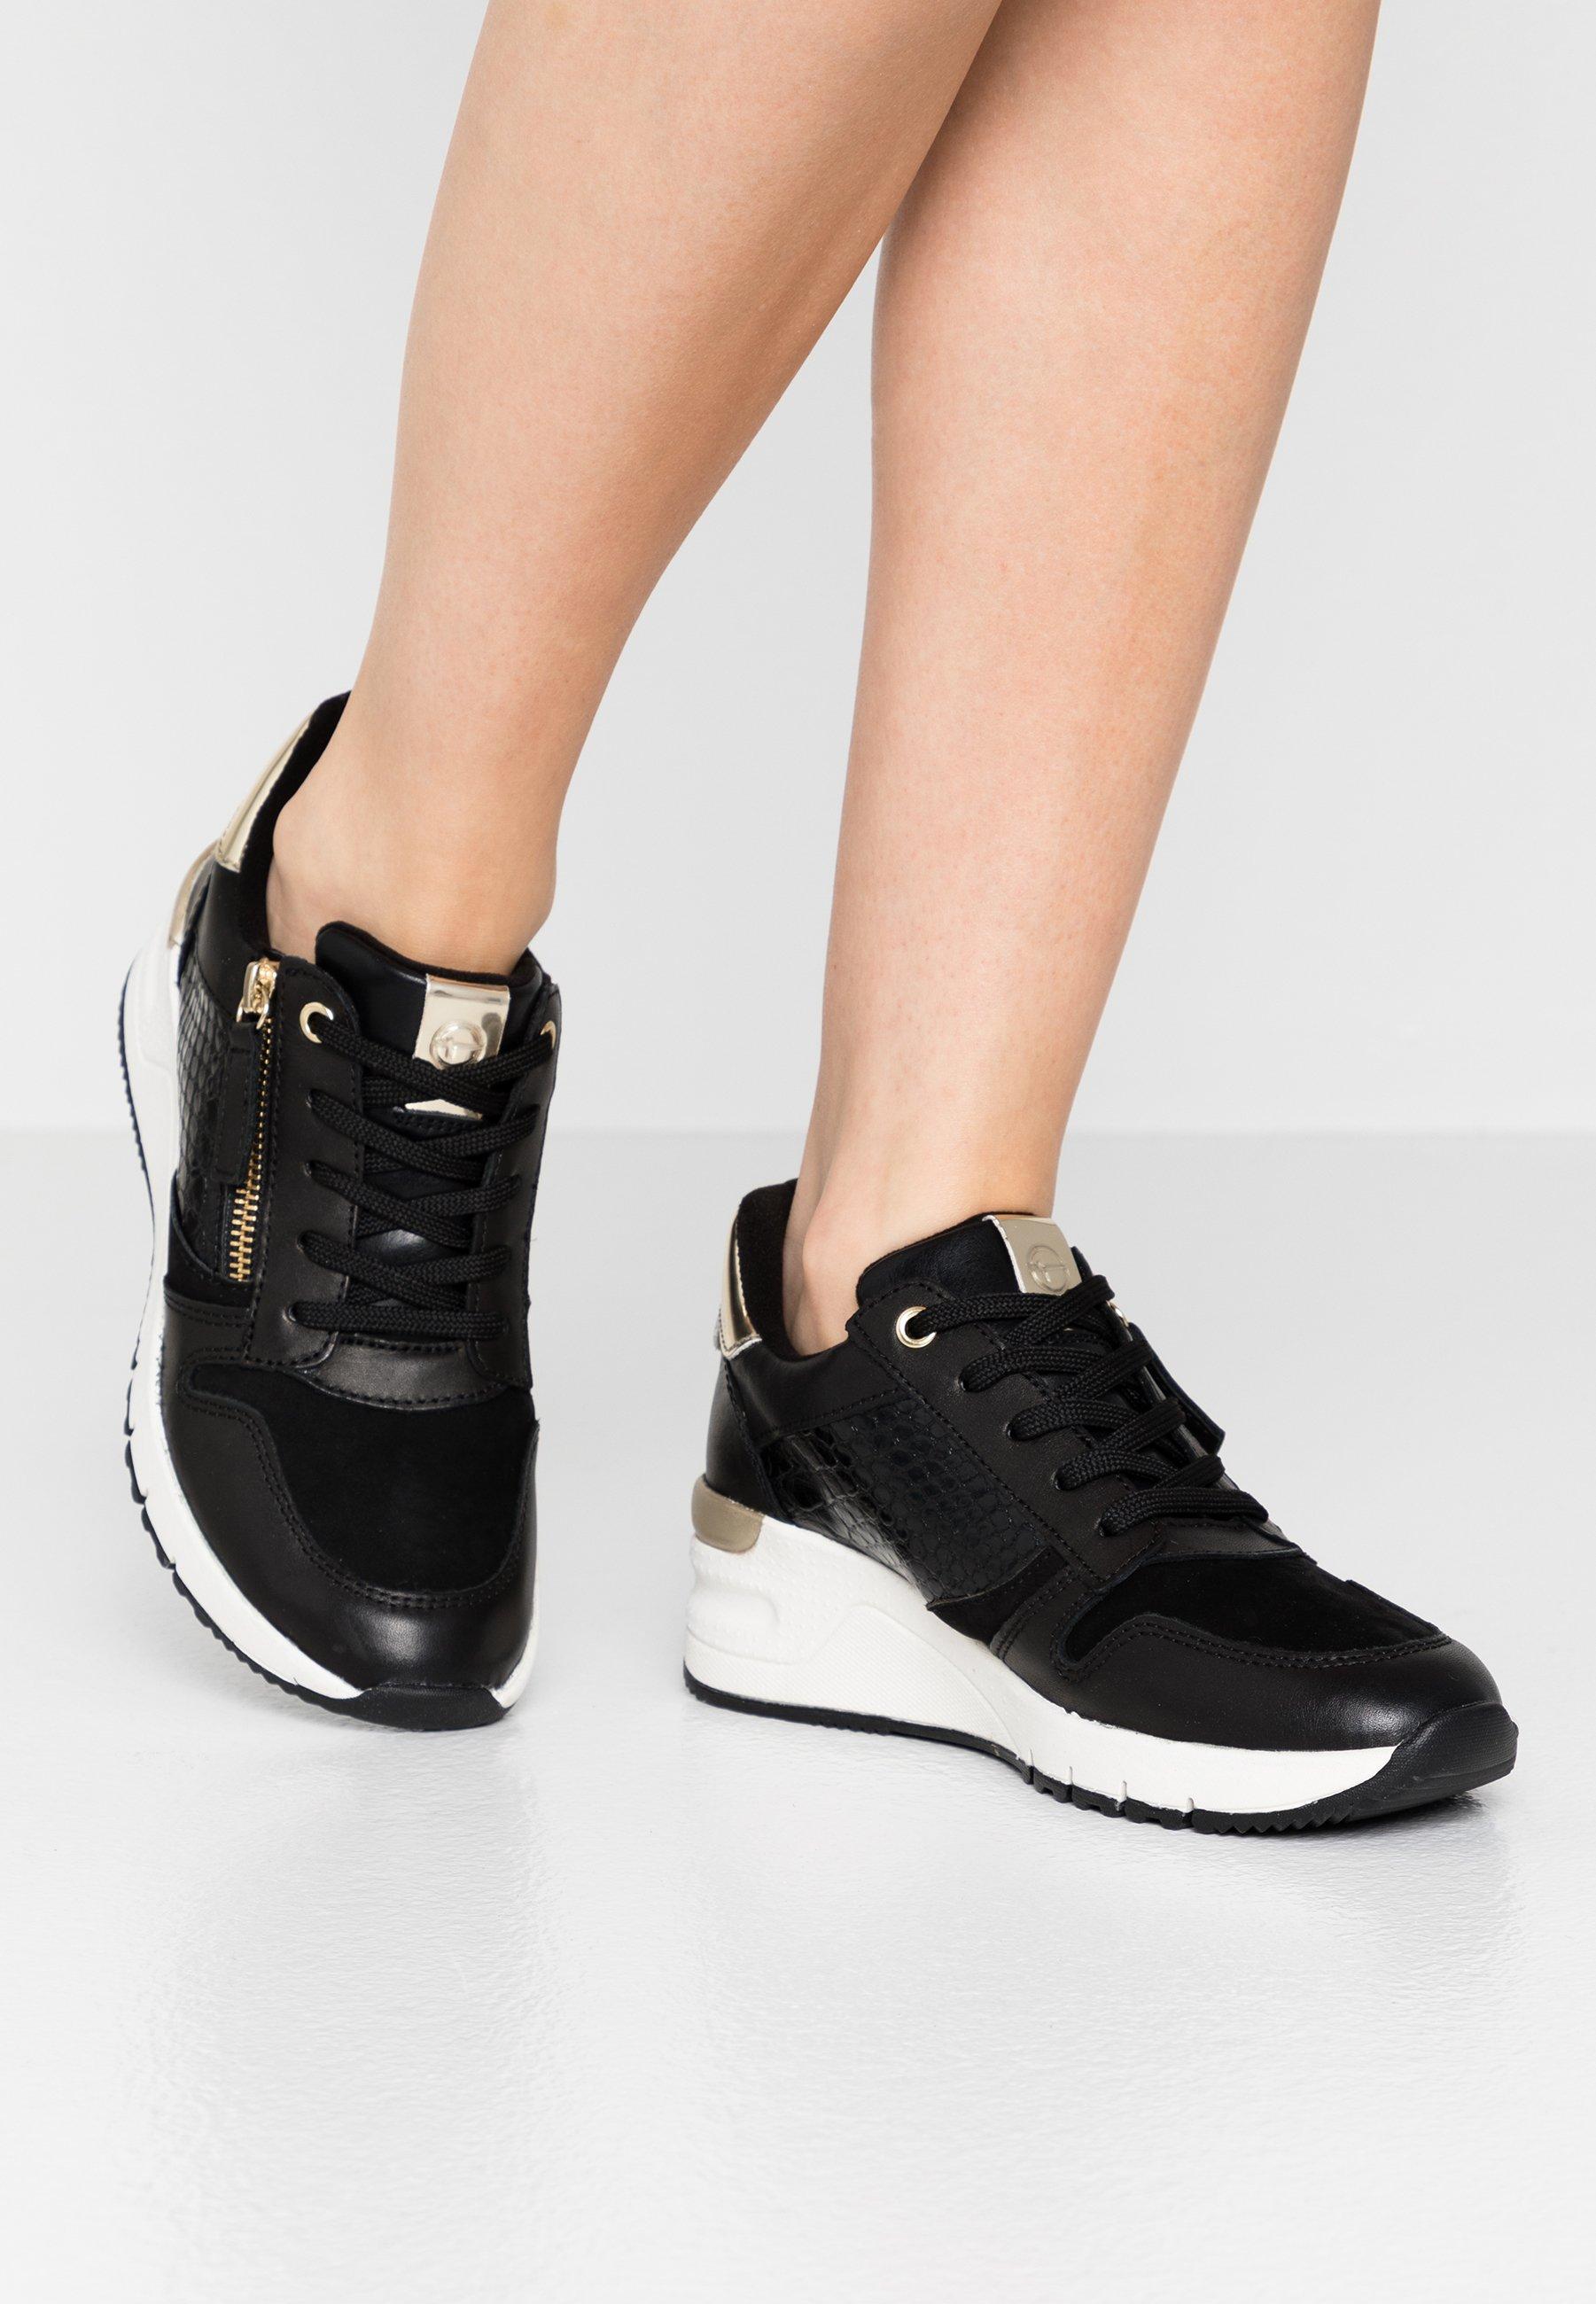 23 Best adidas Xsteem images | Adidas, Adidas sneakers, Sneakers